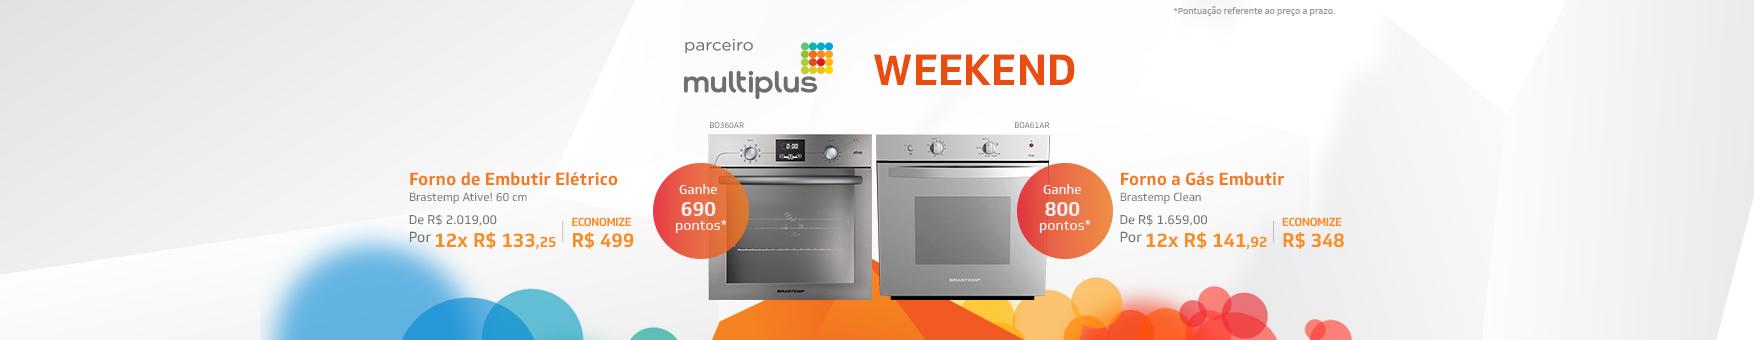 Multiplus Weekend - Fornos